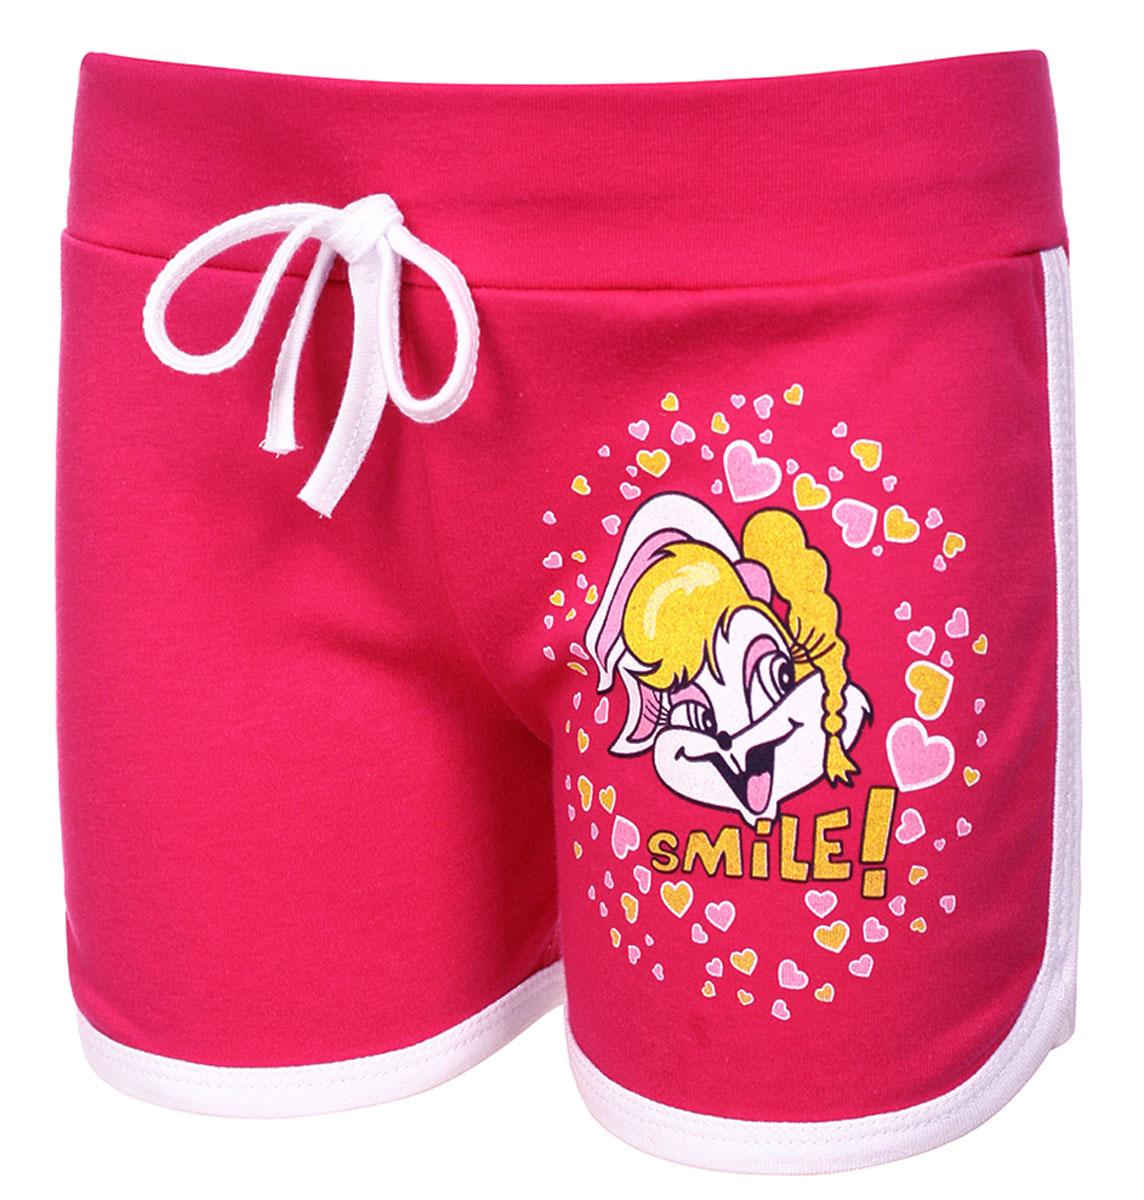 Шорты для девочки M&D, цвет: малиновый. М37006. Размер 110М37006Шорты для девочки от M&D выполнены из натурального хлопка. Эластичные пояс на талии дополнен затягивающимся шнурком.